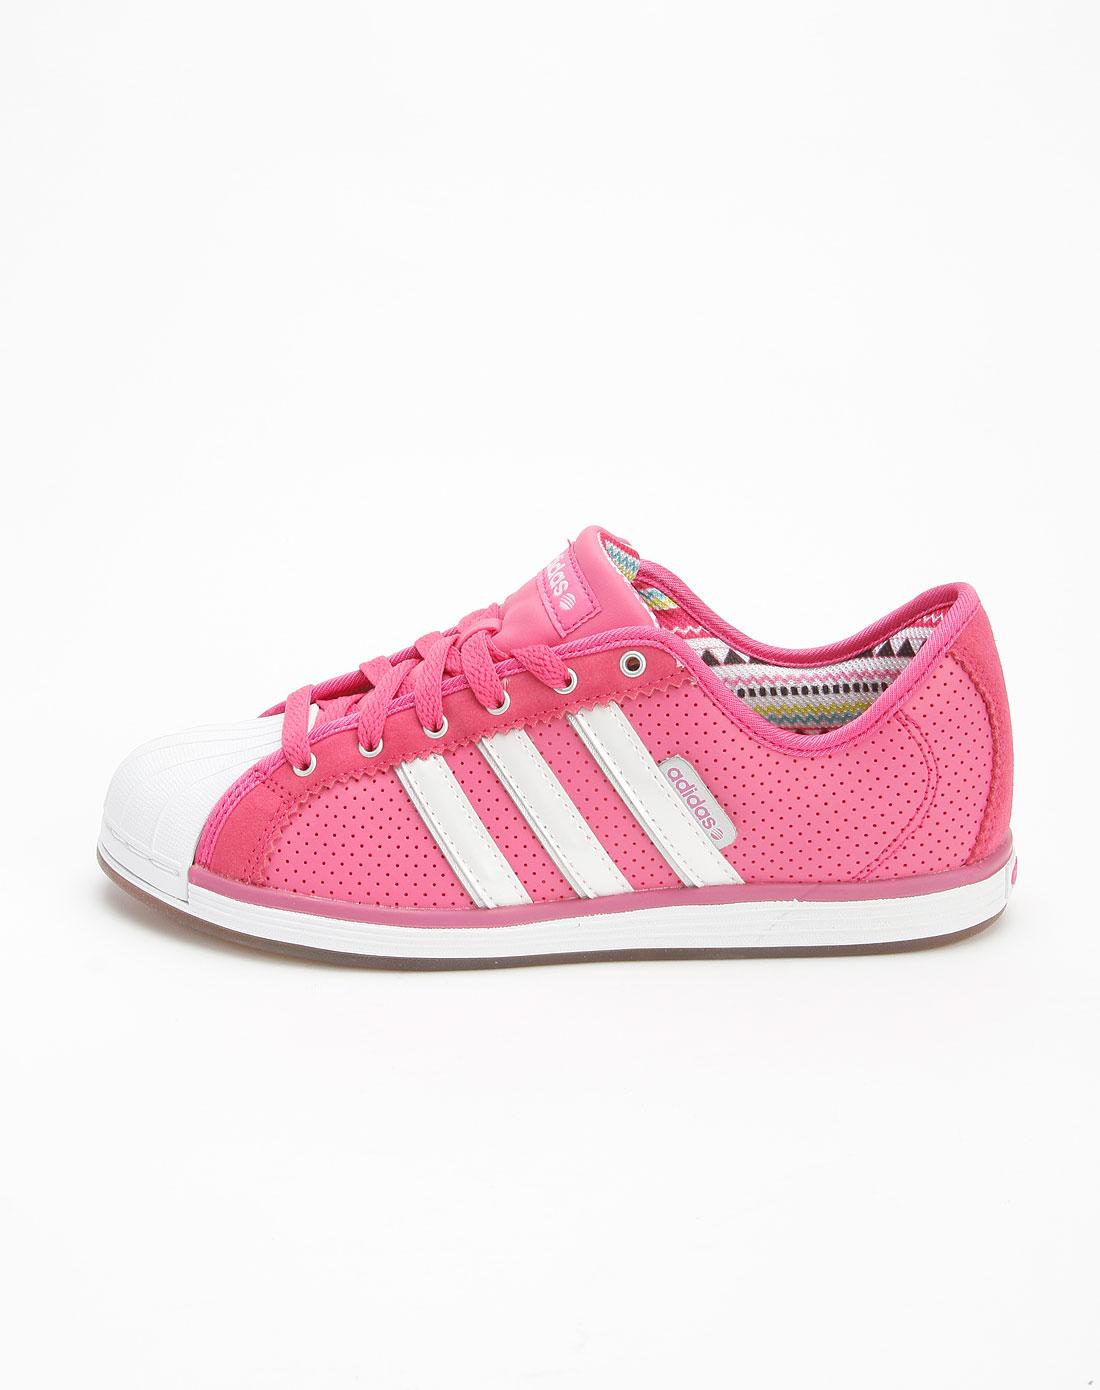 阿迪达斯adidasneo女款桃红色绑带休闲鞋g53226